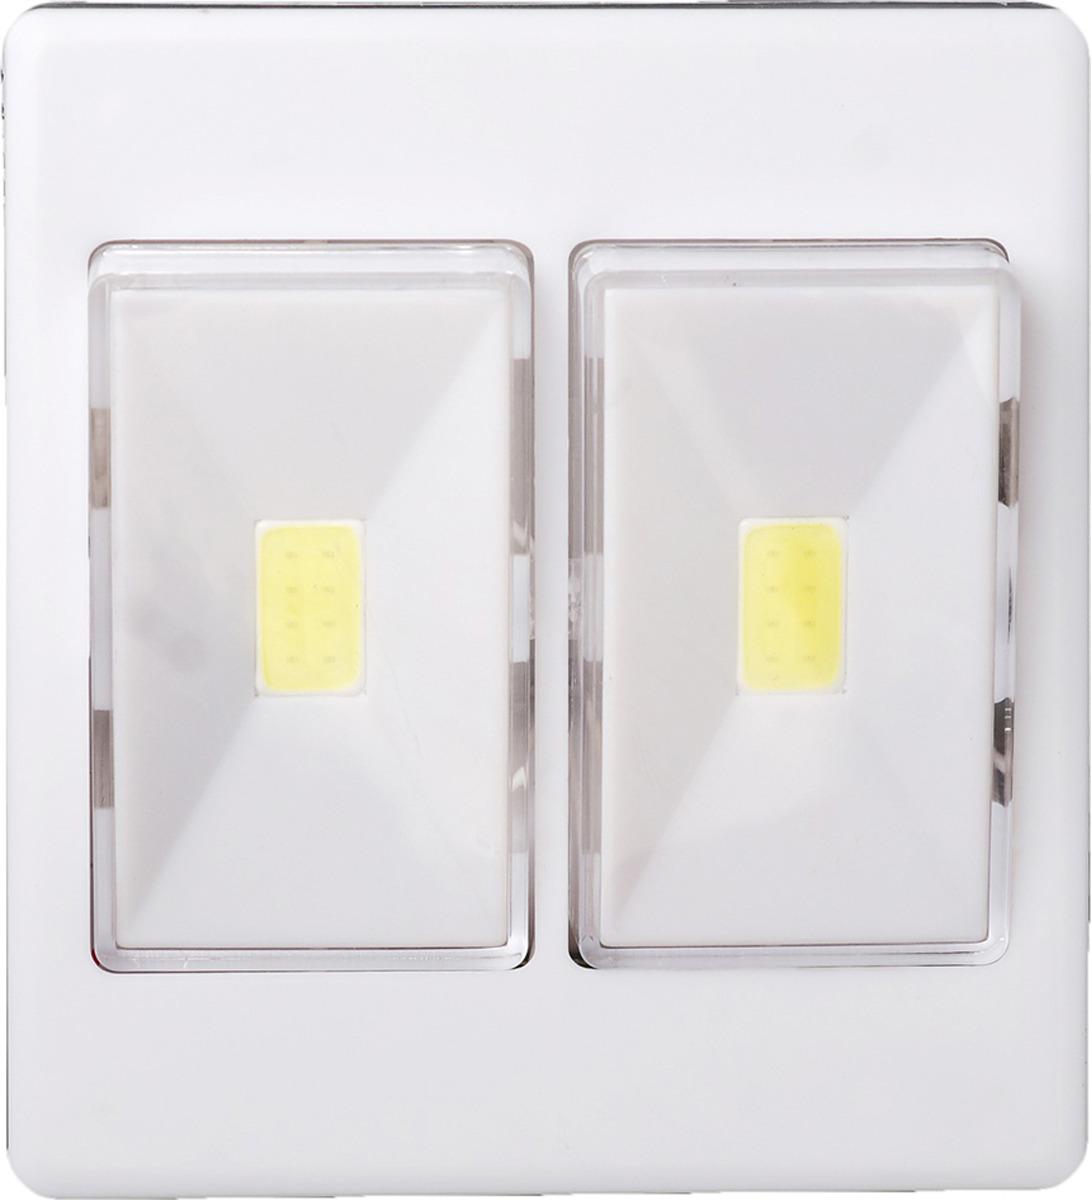 Ночник Risalux Включатель двойной, LED, 3558400, белый, 9 х 10 х 3 см